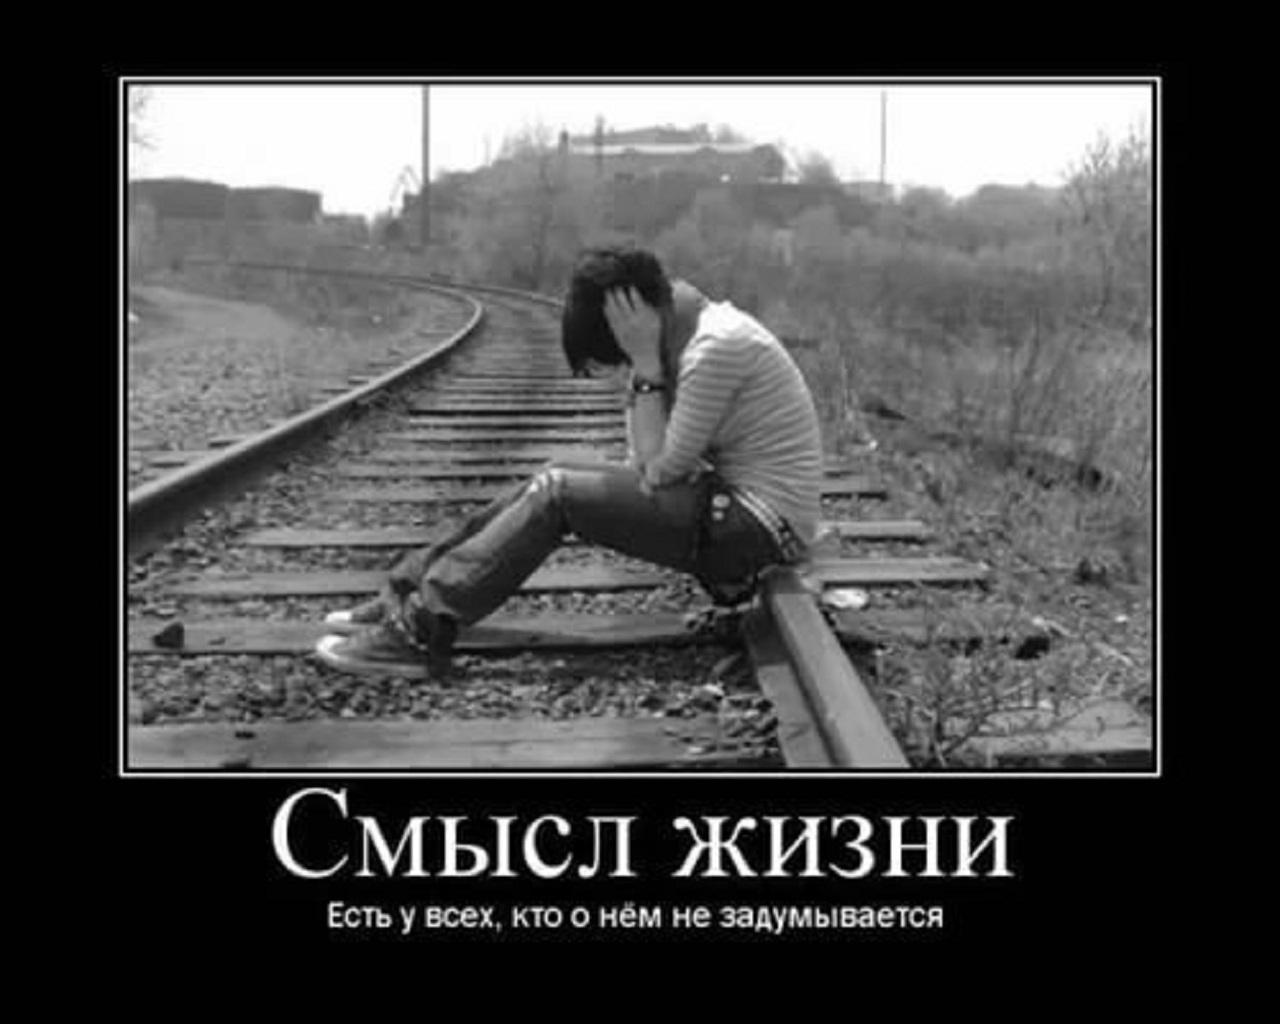 очень грустные демотиваторы про жизнь хочу